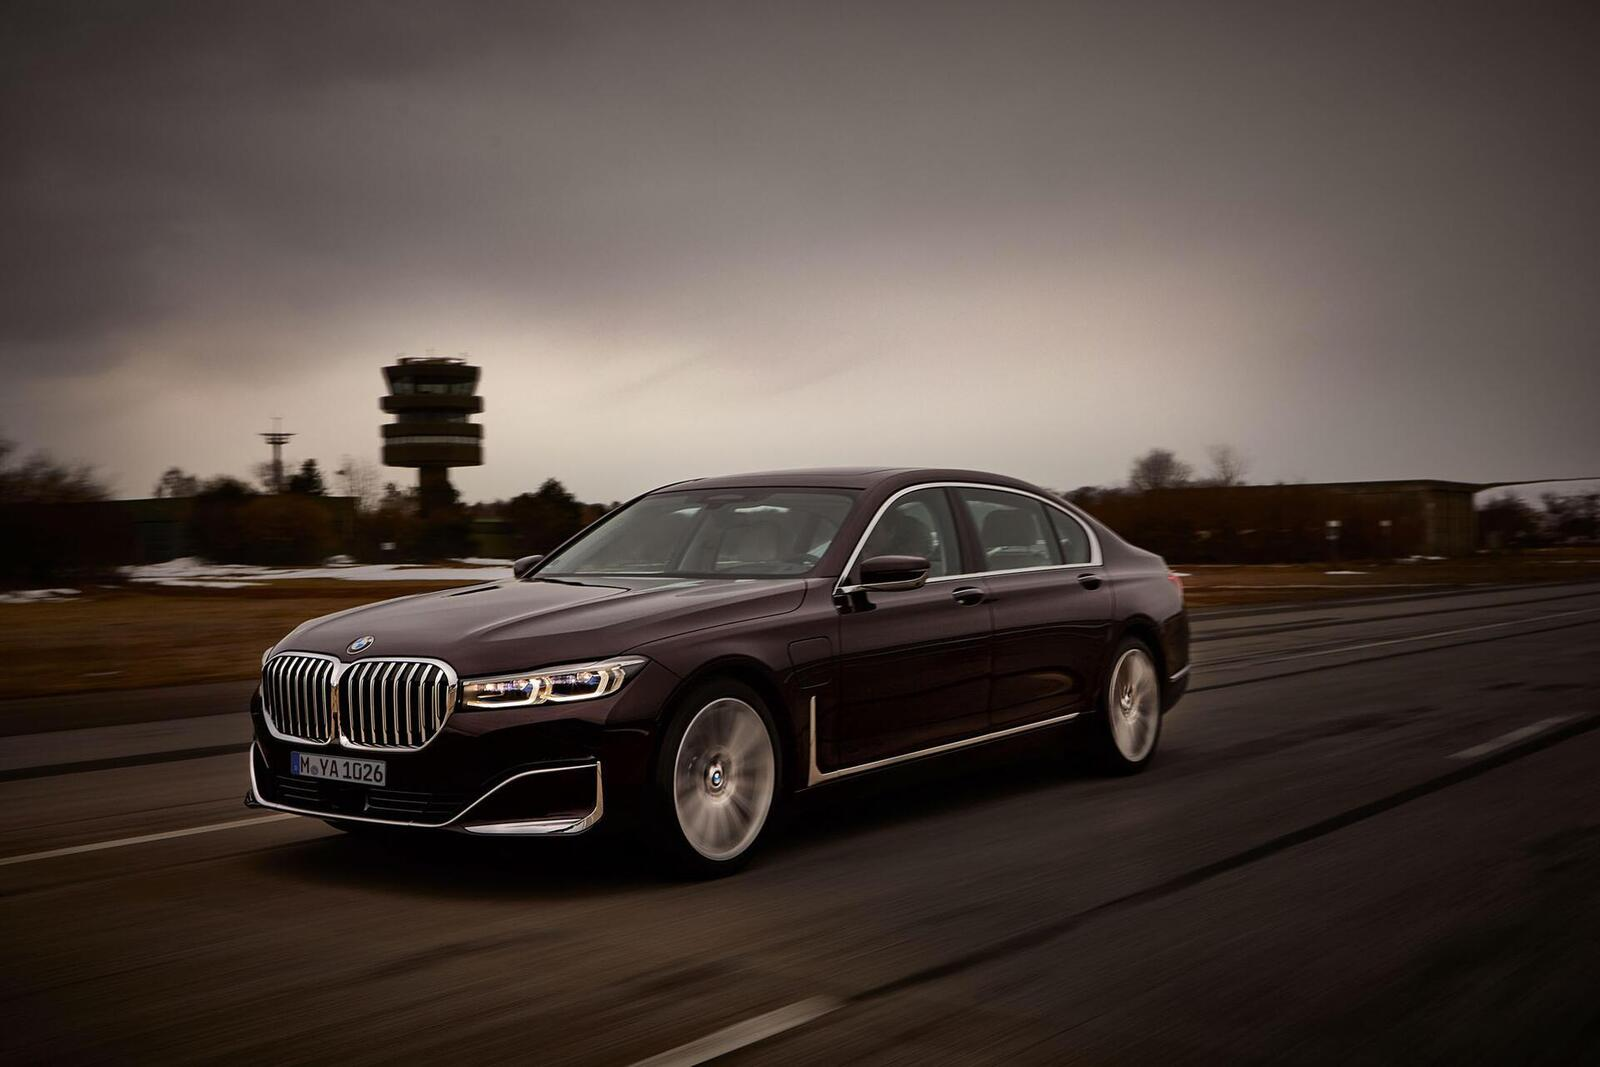 BMW giới thiệu 7 Series PHEV 2020 mới; lắp động cơ 3.0L mới thay chế cho 2.0L cũ - Hình 20